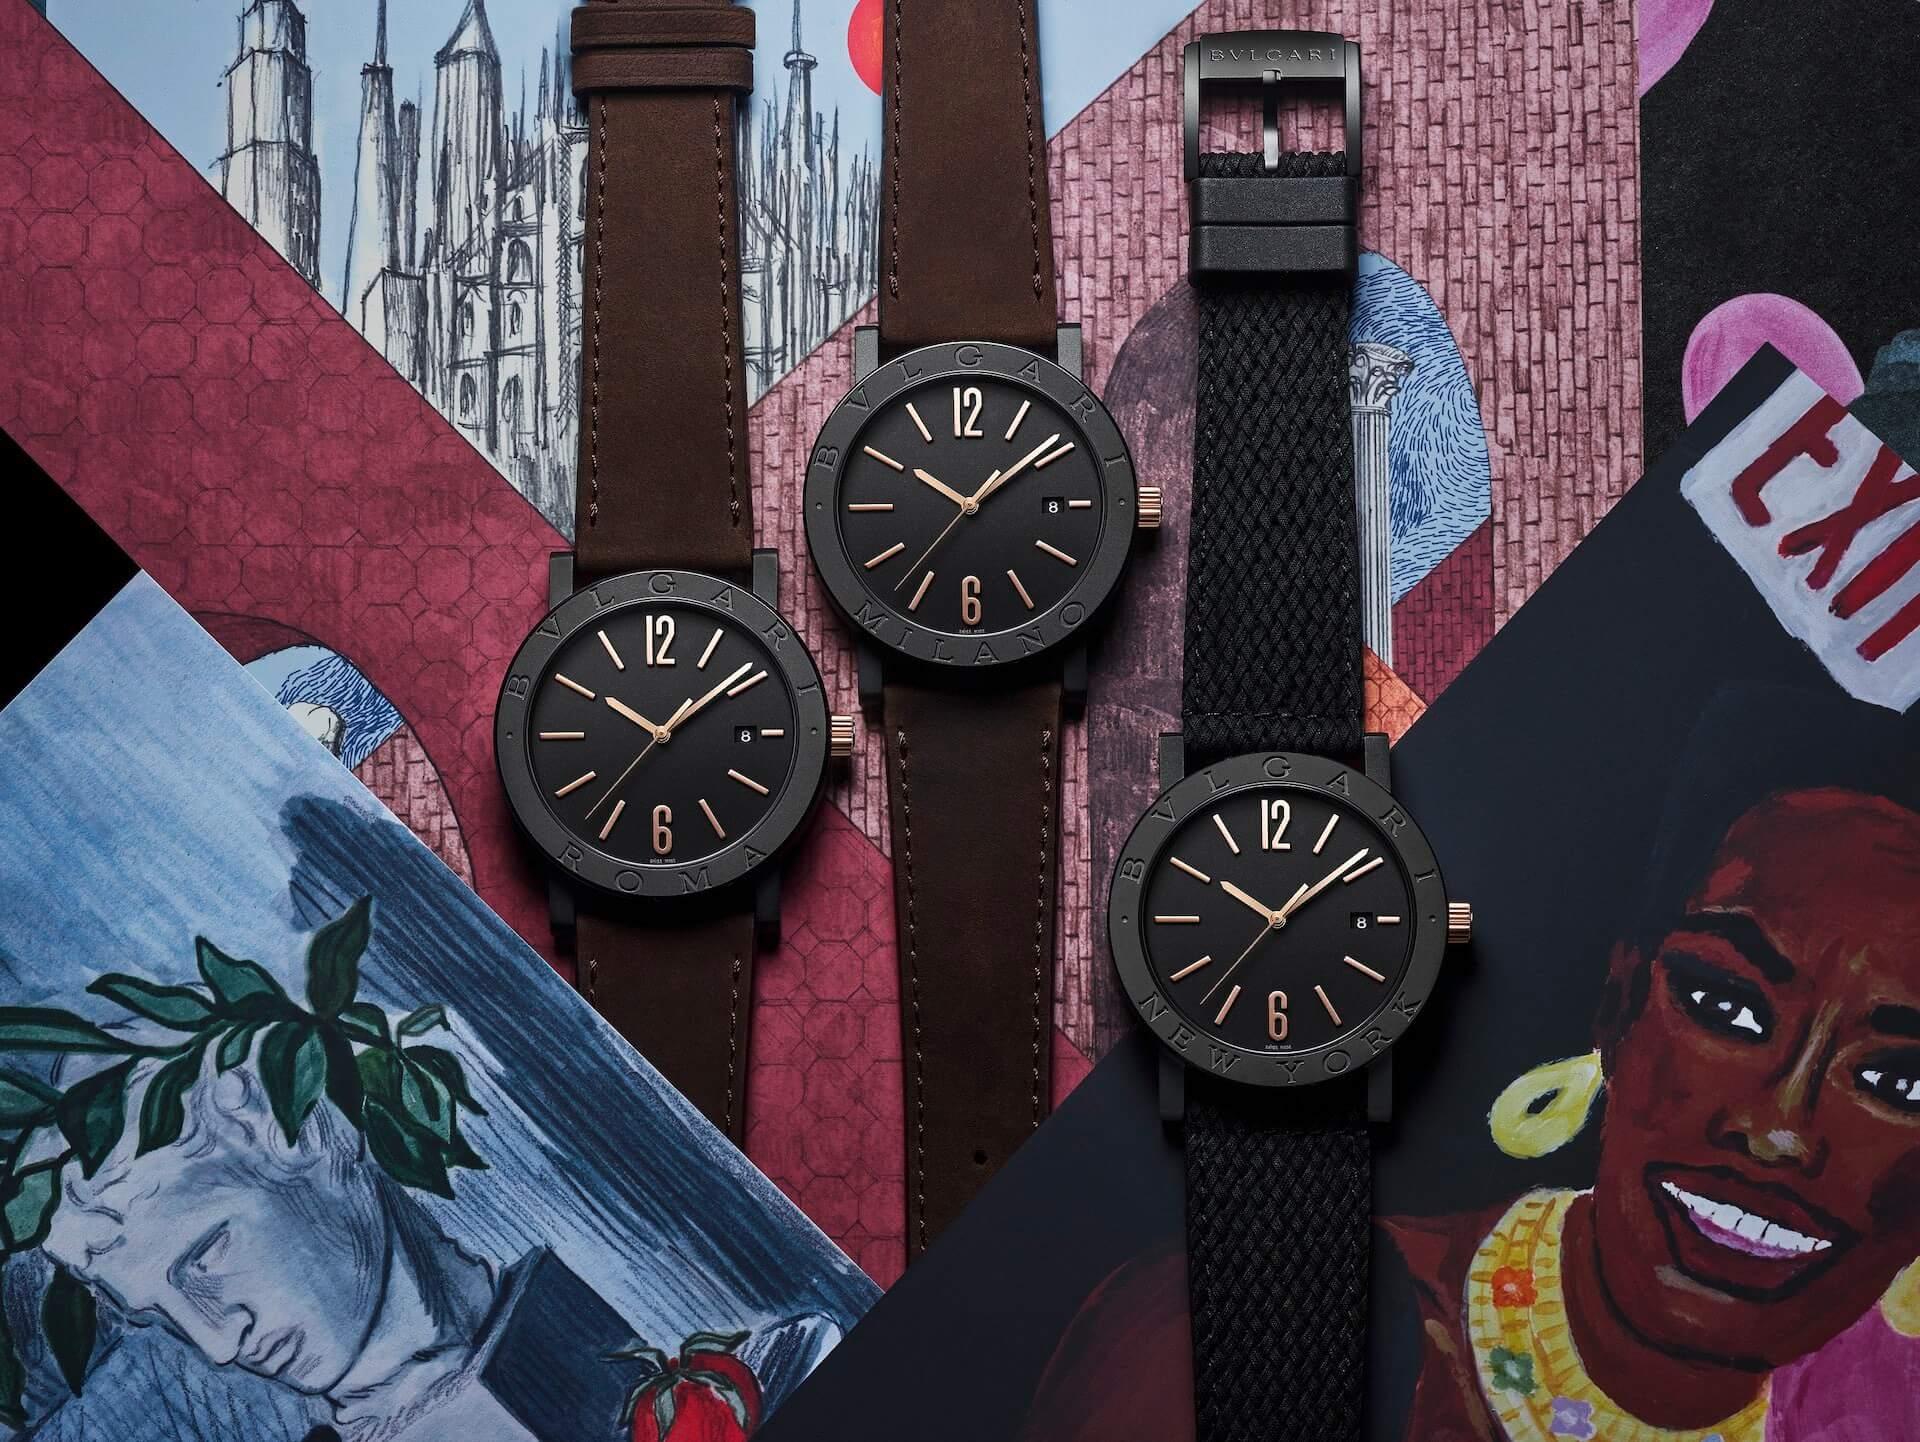 BVLGARIから腕時計「シティーズ限定モデル 2020」よりTOKYOモデルが先行発売決定!アートプリントが付属 lf200702_bvlgari_tokyowatch_09